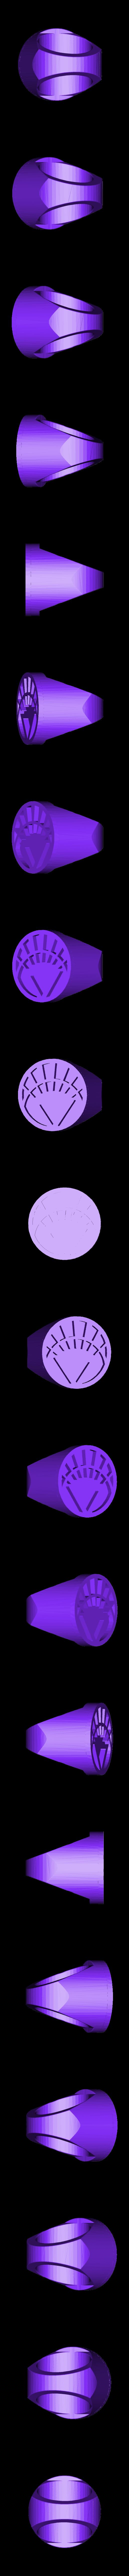 WHITE_-_lantern_ring.STL Download free STL file Lantern corps rings • 3D printer design, Clenarone